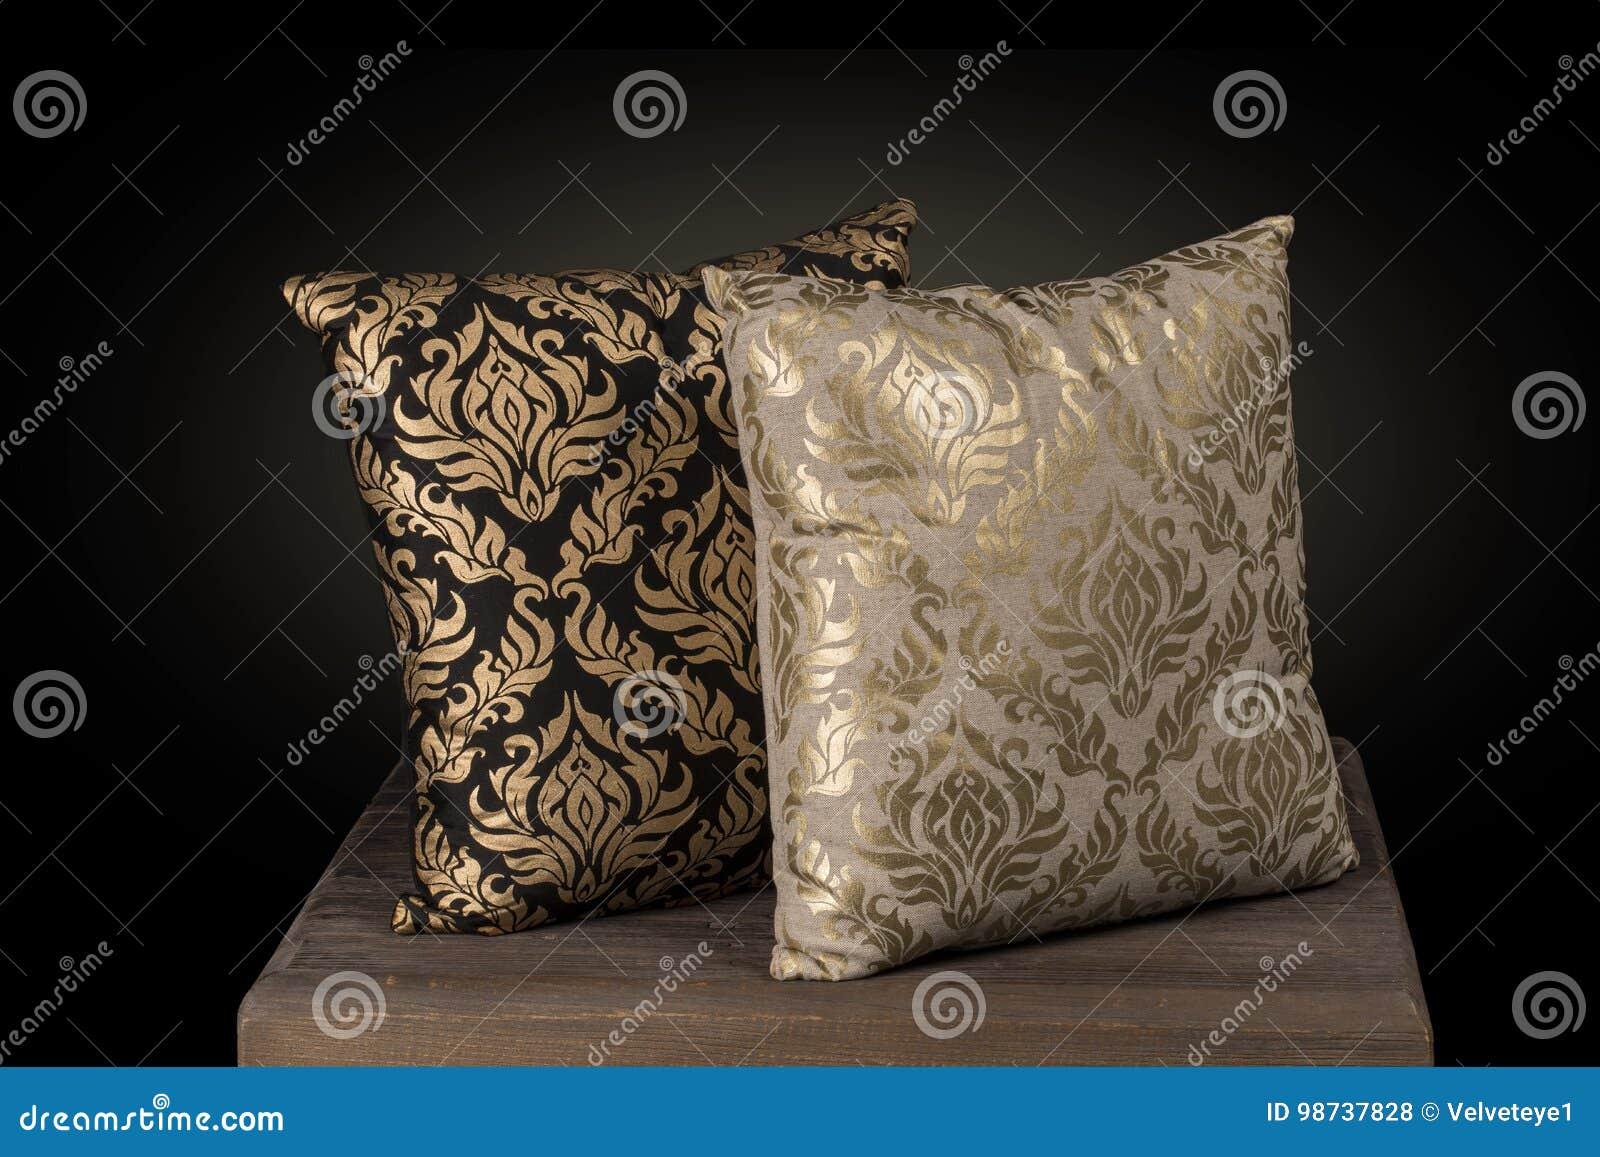 Cuscini Color Oro.Due Fili Di Seta Ricamati Mano Dei Cuscini Del Cuscino Stampano In